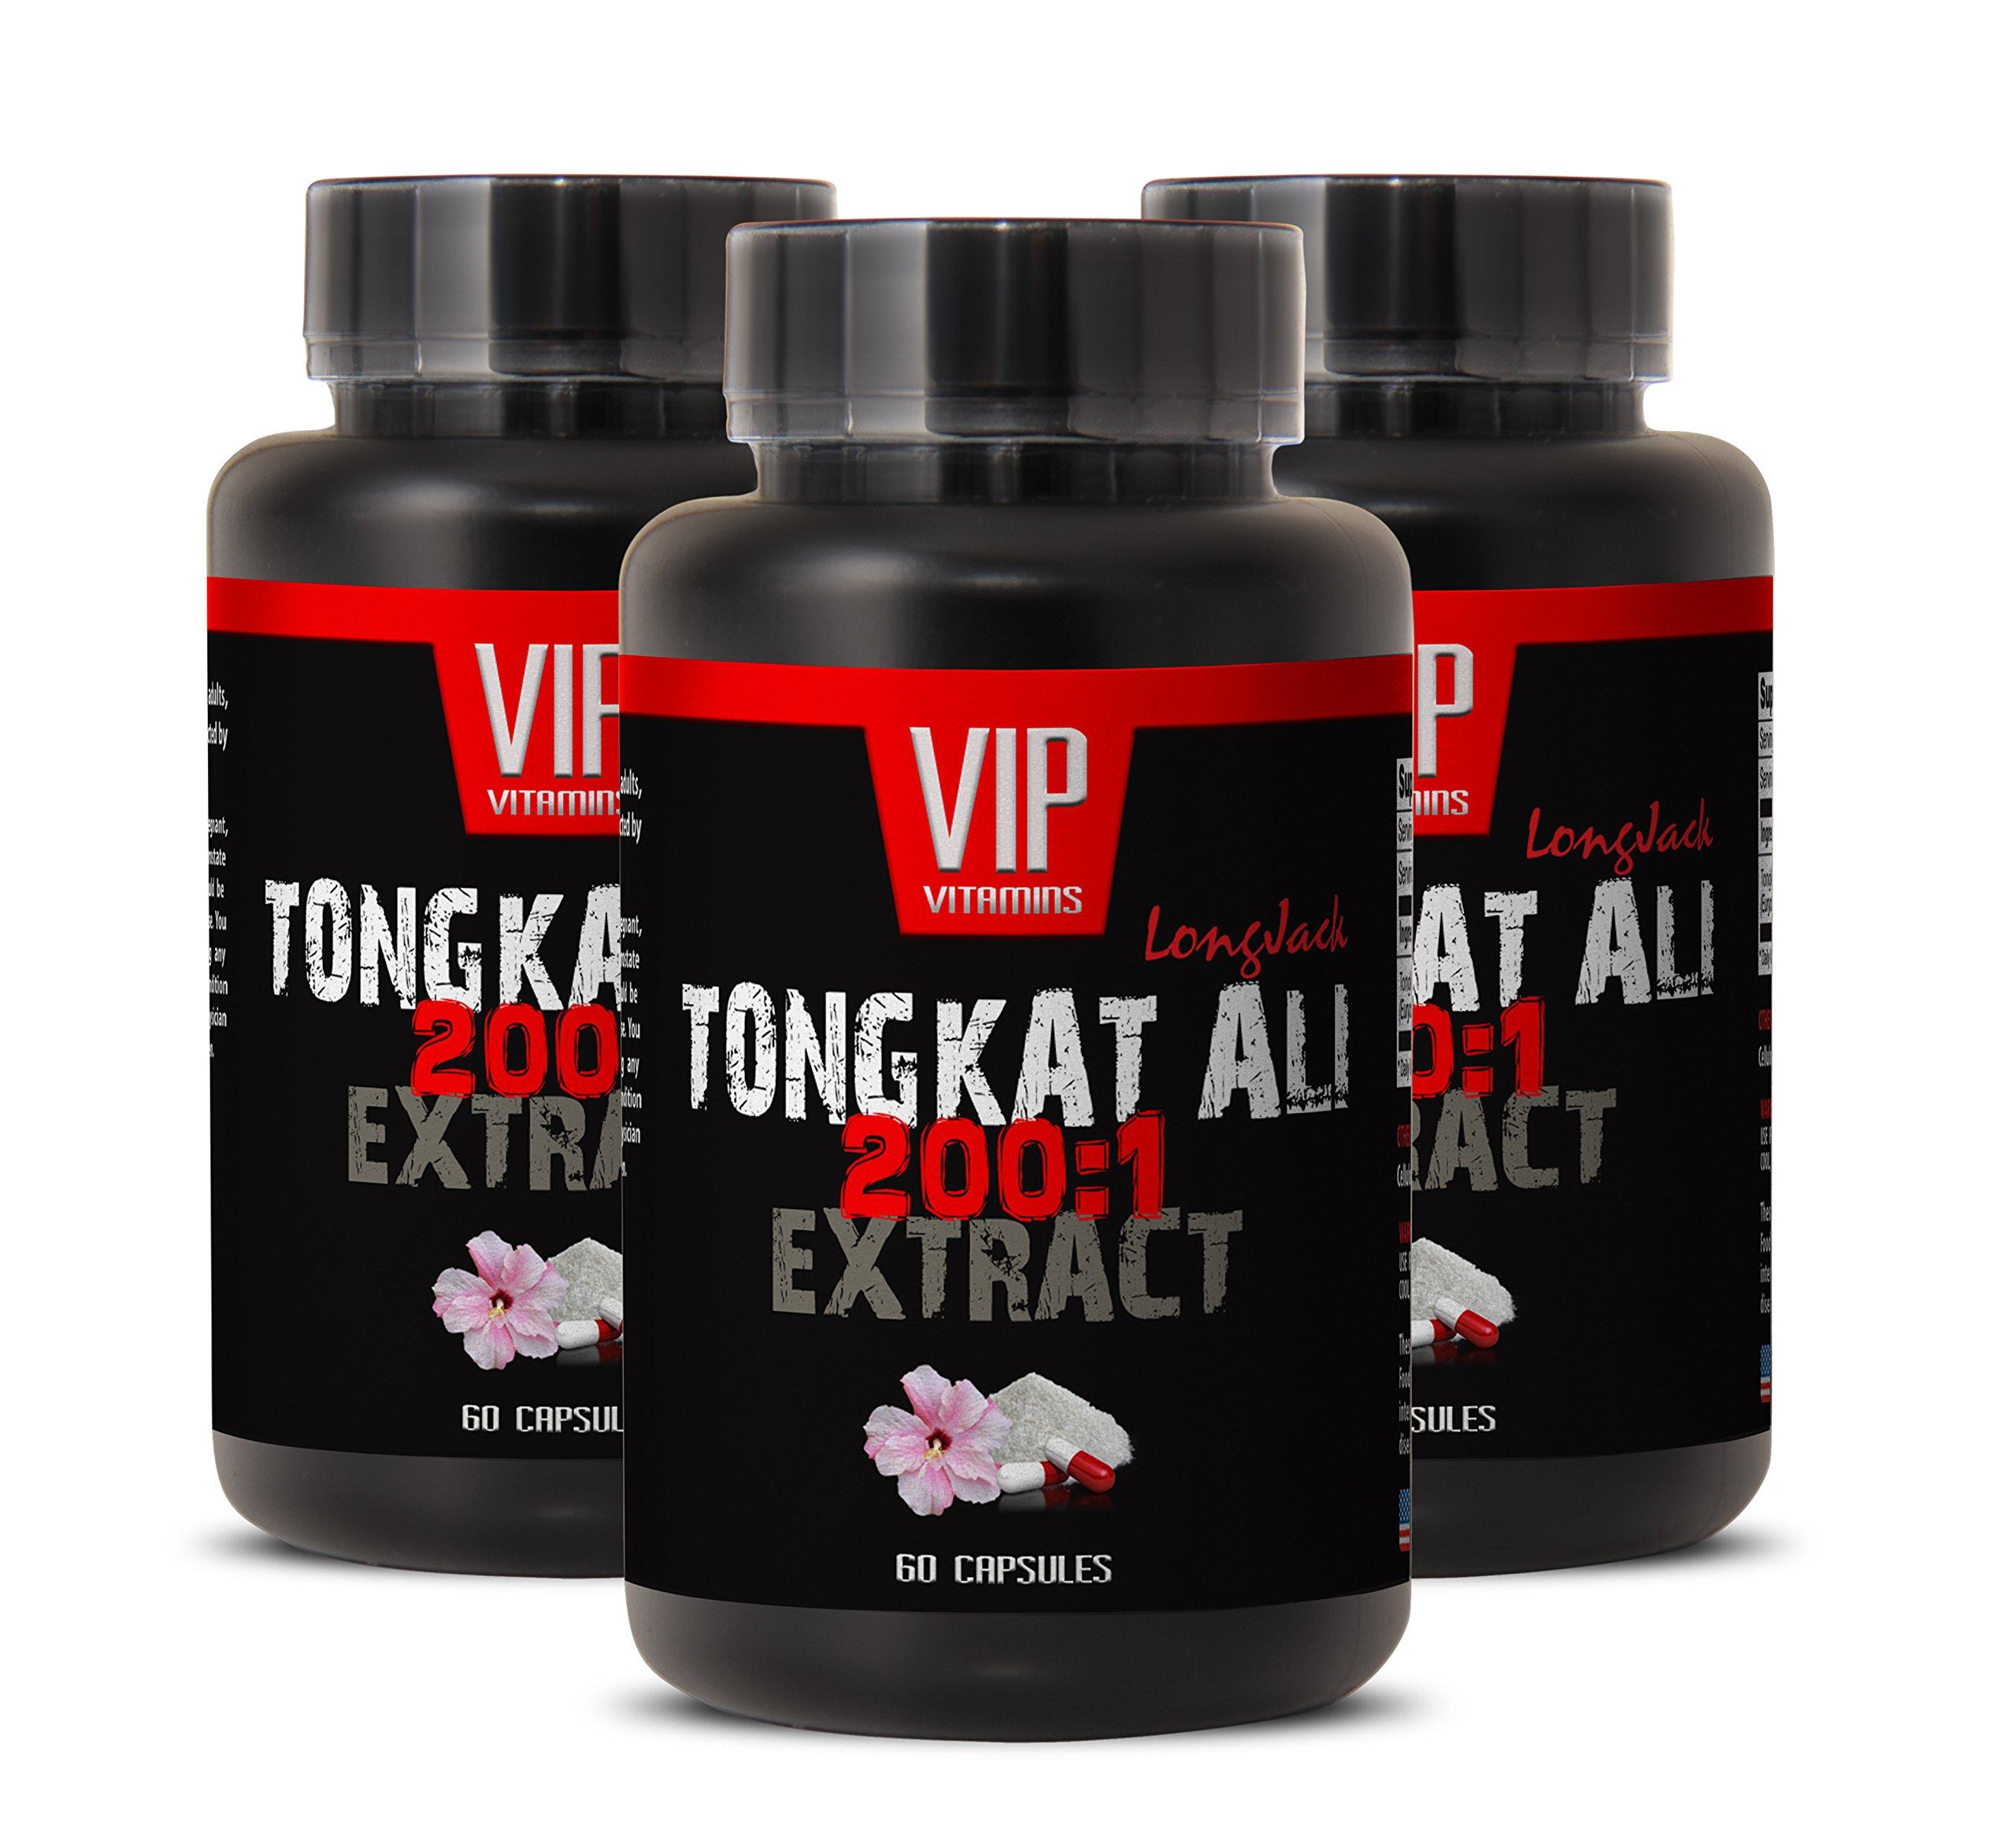 Natural enhancement pills for men - TONGKAT ALI EXTRACT 200 TO 1 - Tongkat ali for men - Natural tongkat ali - 3 Bottles 180 Capsules